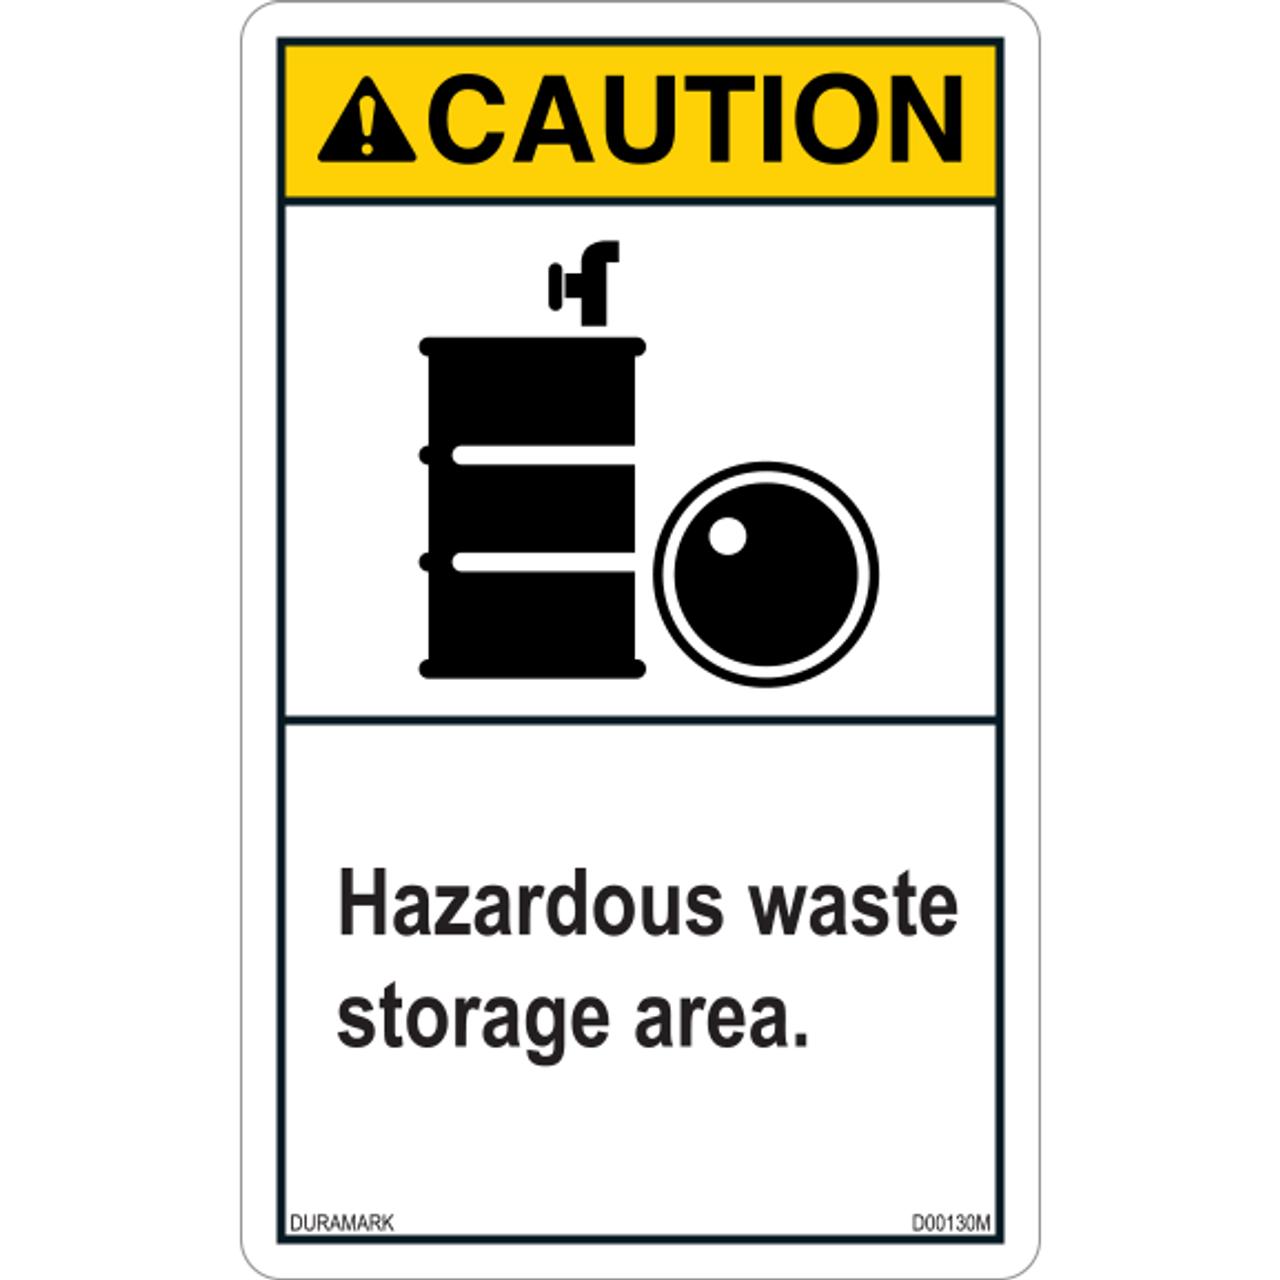 ANSI Safety Label - Caution - Hazardous Waste Storage - Vertical